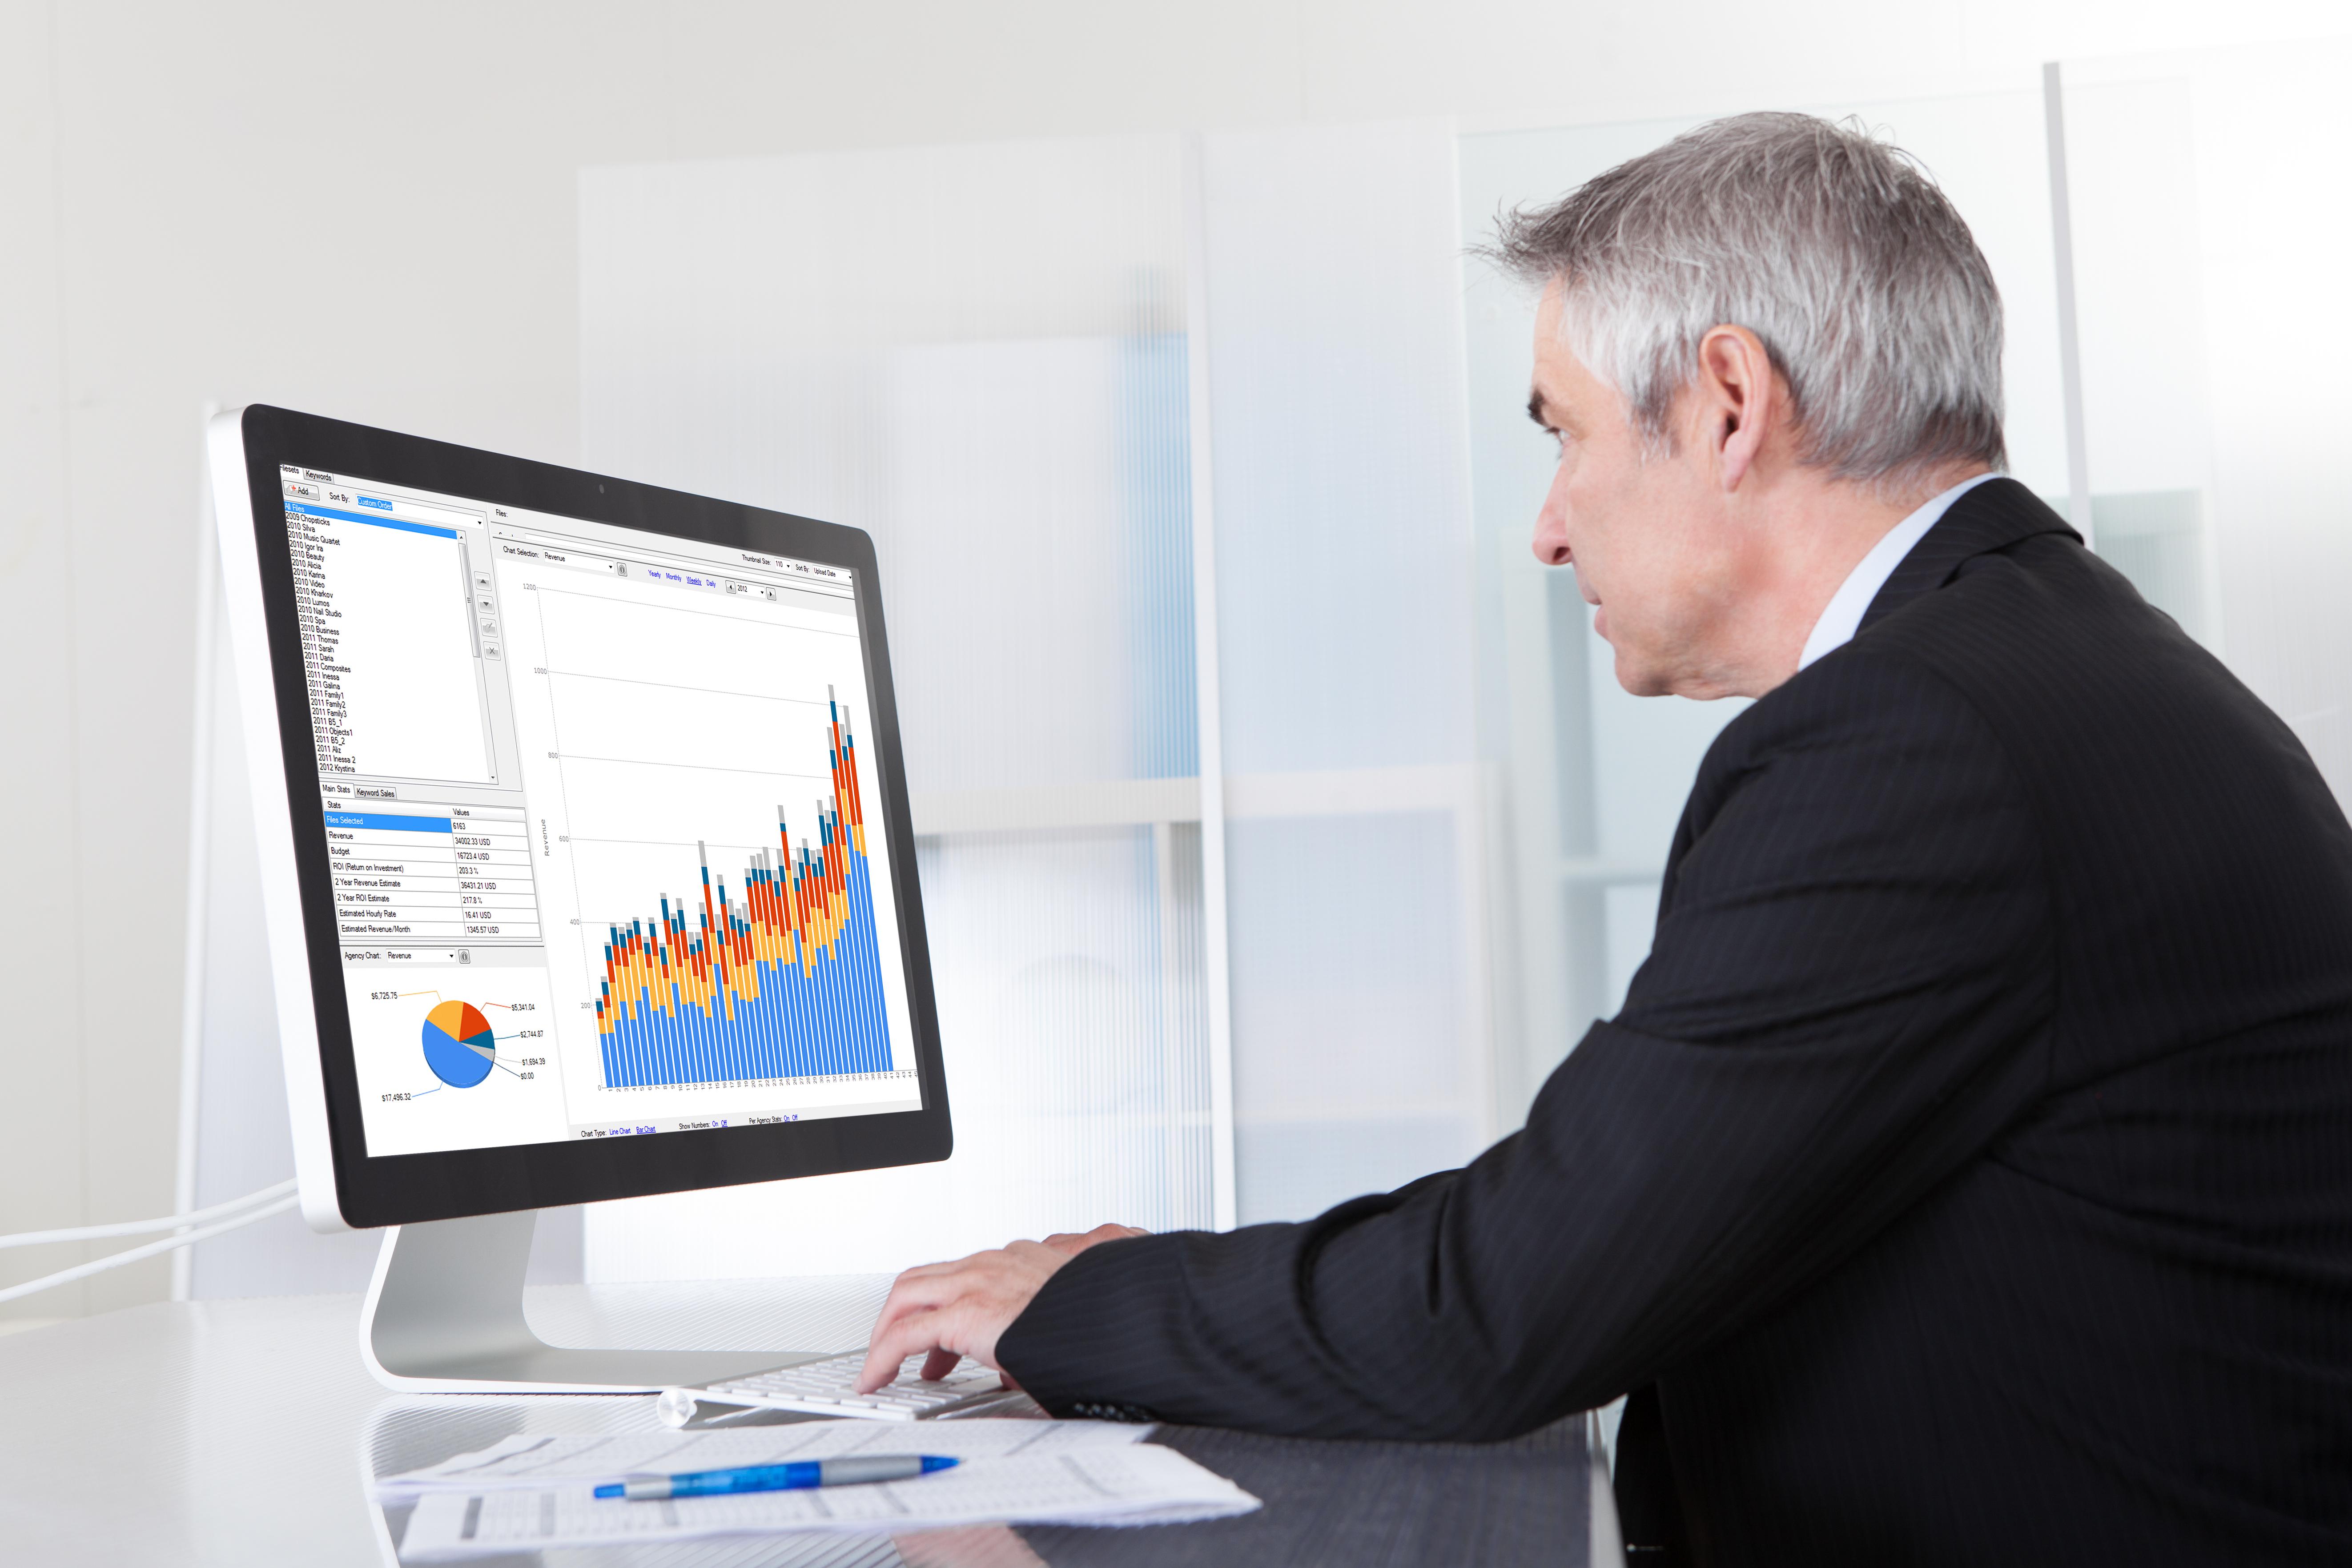 Senior man looking at computer screen with graphs and charts.